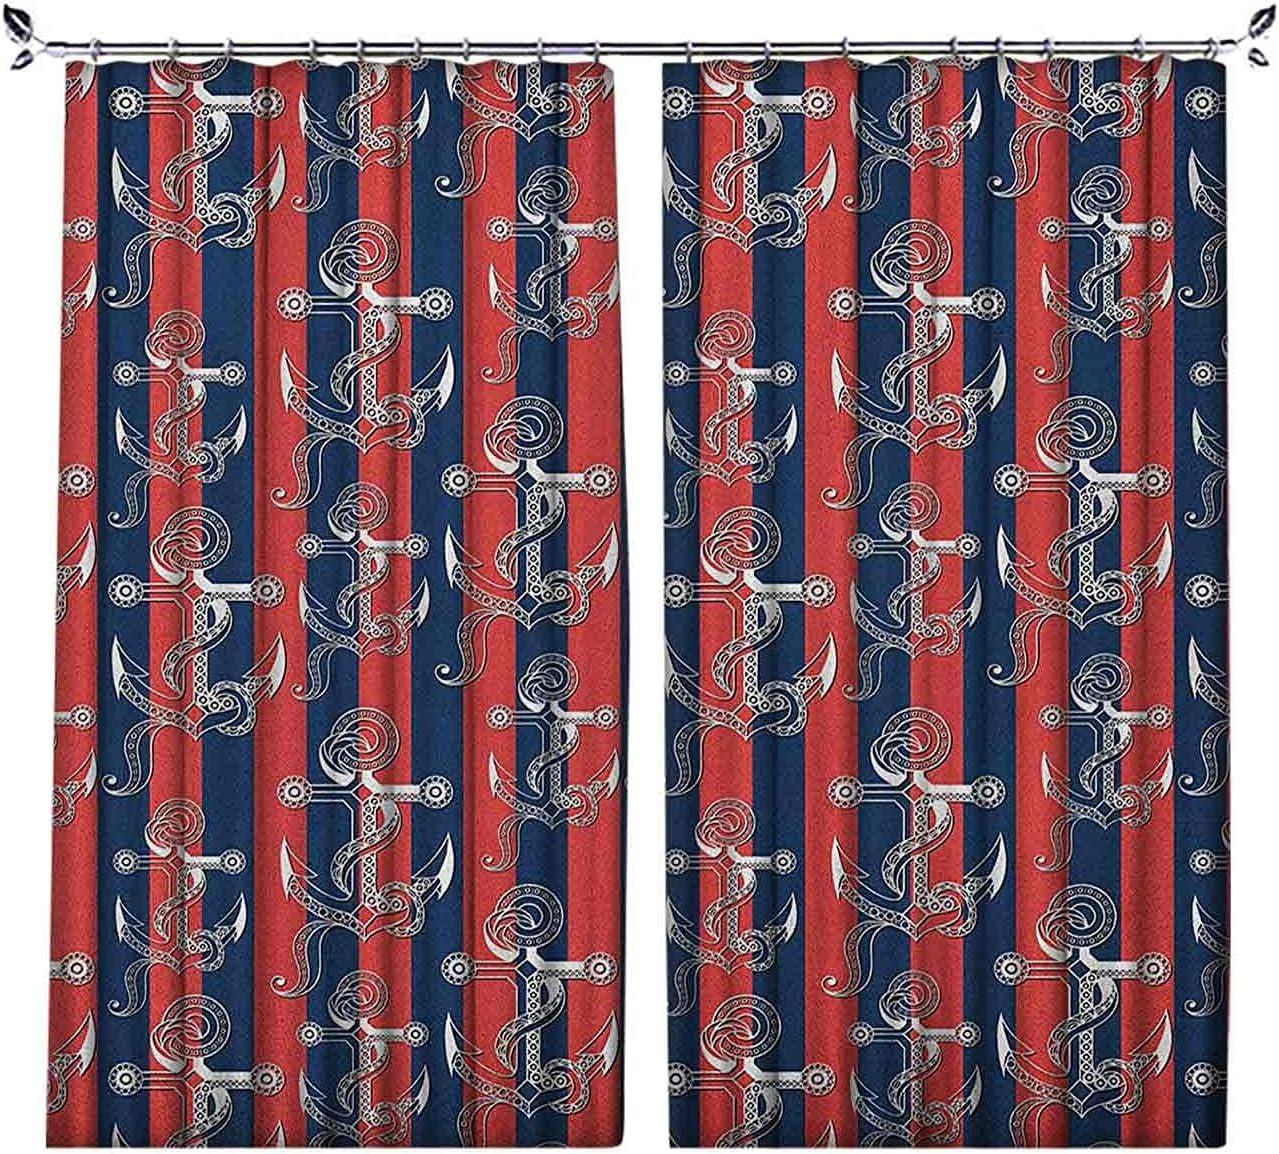 Cortina plisada con diseño de rayas verticales con figuras artísticas Harbor Seaport Marine Life, para dormitorio, jardín de infantes, sala de estar, 52 x 63 pulgadas, color azul marino y blanco